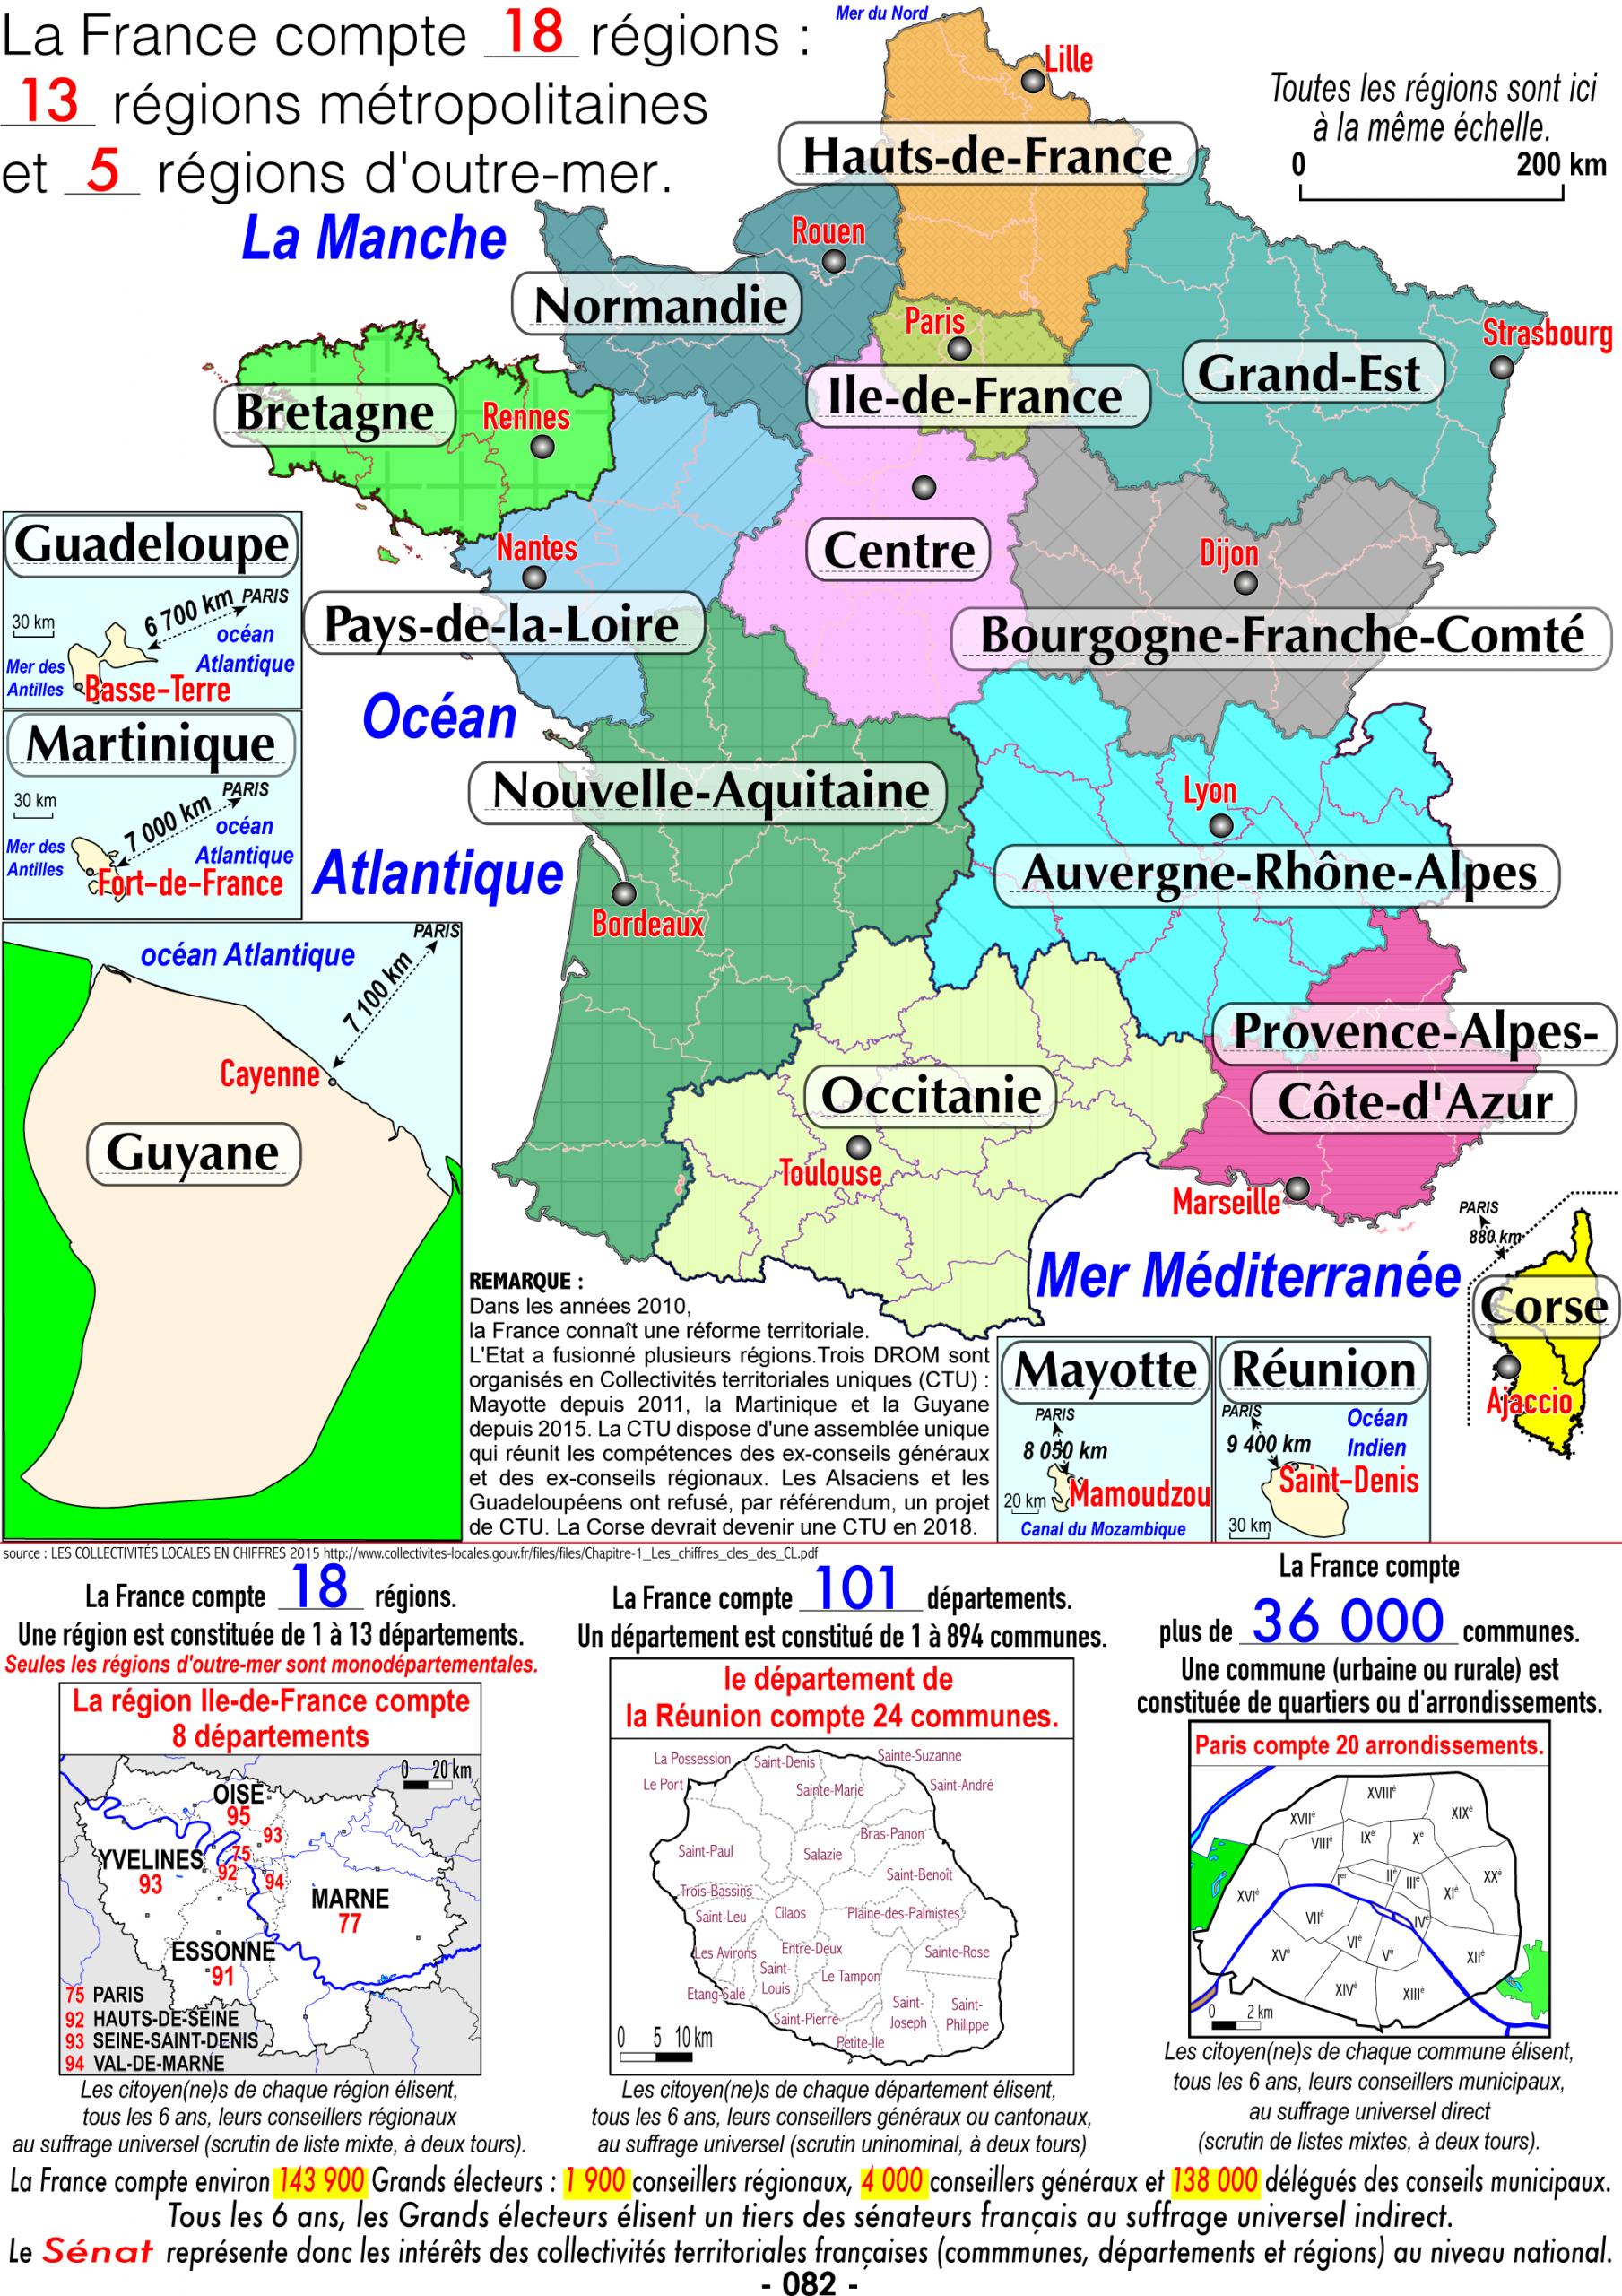 Index Of /capeline/cartotheque/cartotheque Hg3 2017 2018/0 pour Carte Région France 2017